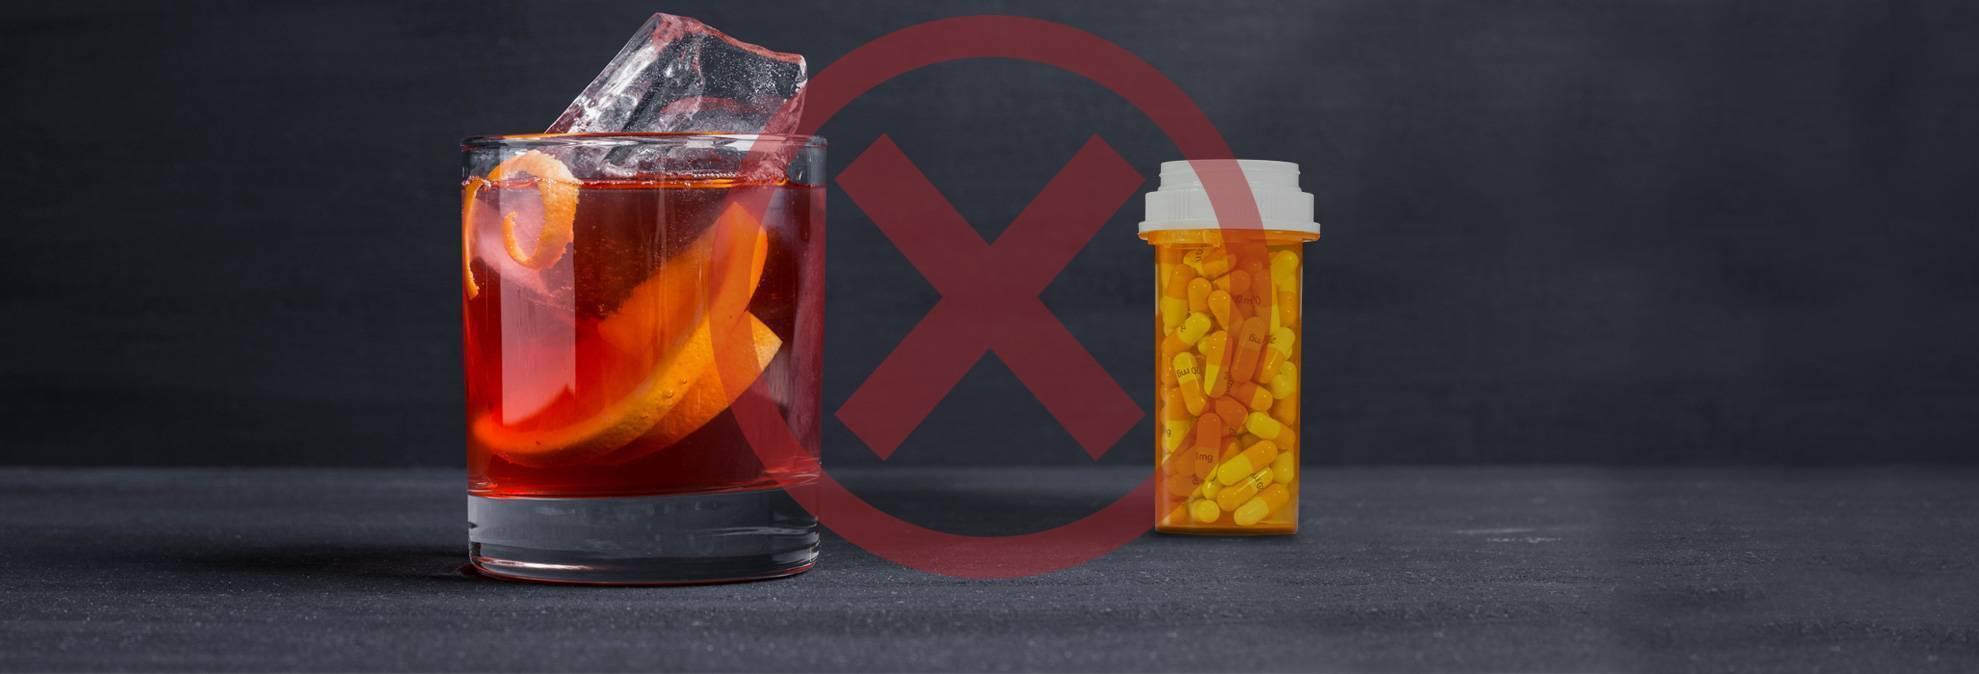 Нитроксолин и алкоголь: совместимость